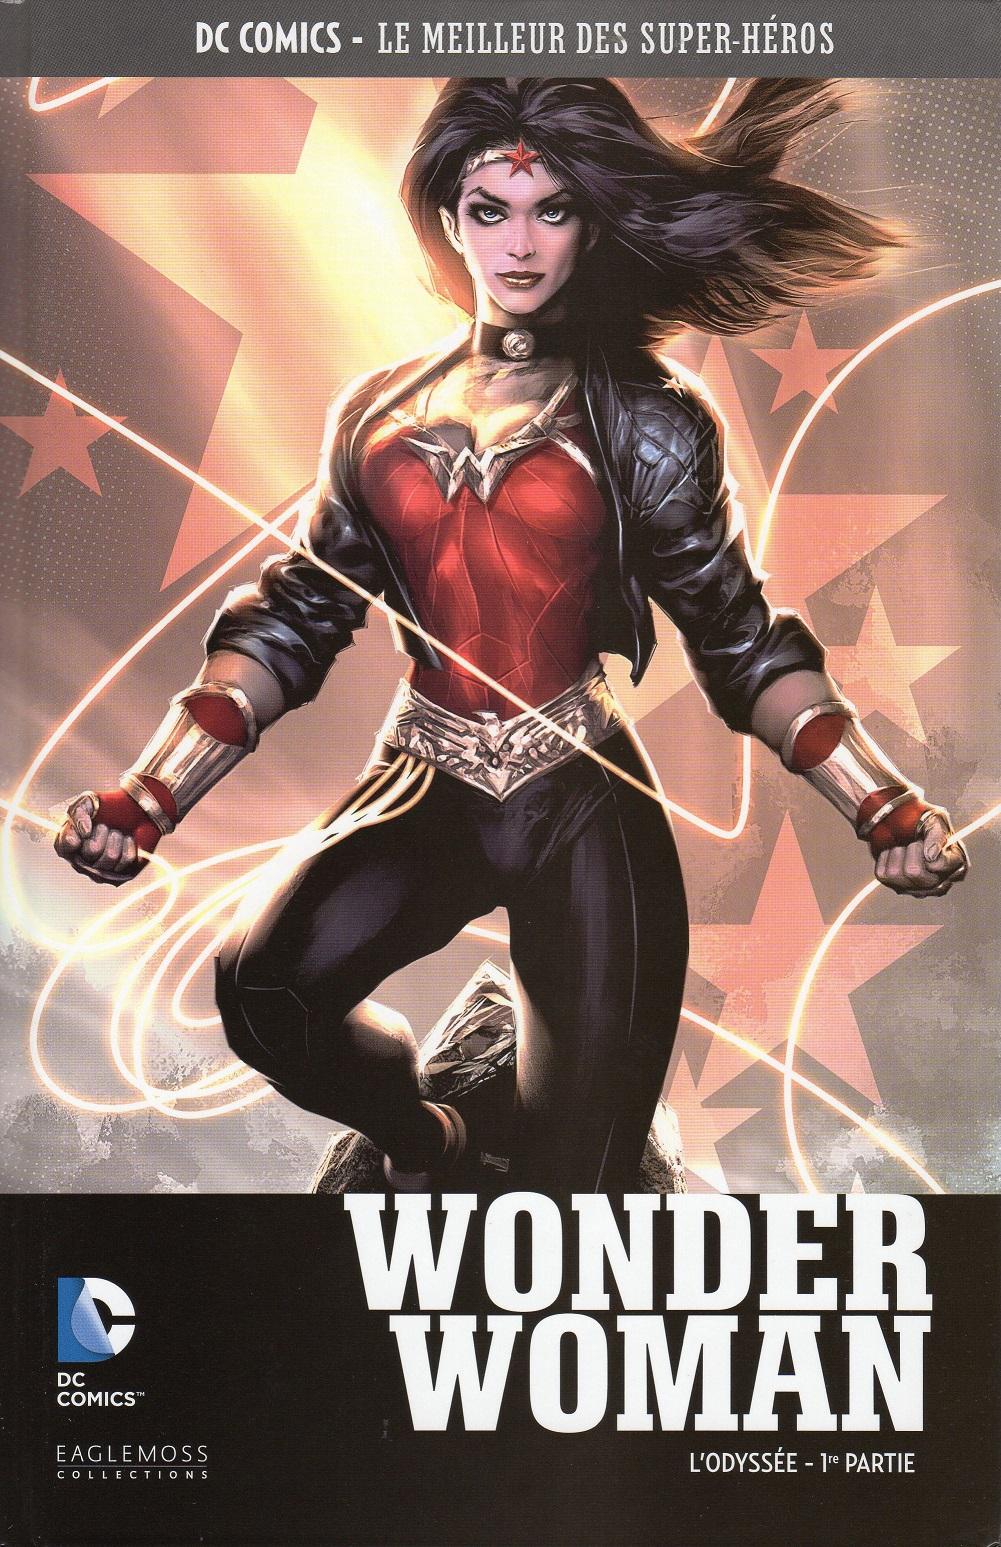 Wonder Woman - L'Odyssée (1ère Partie)